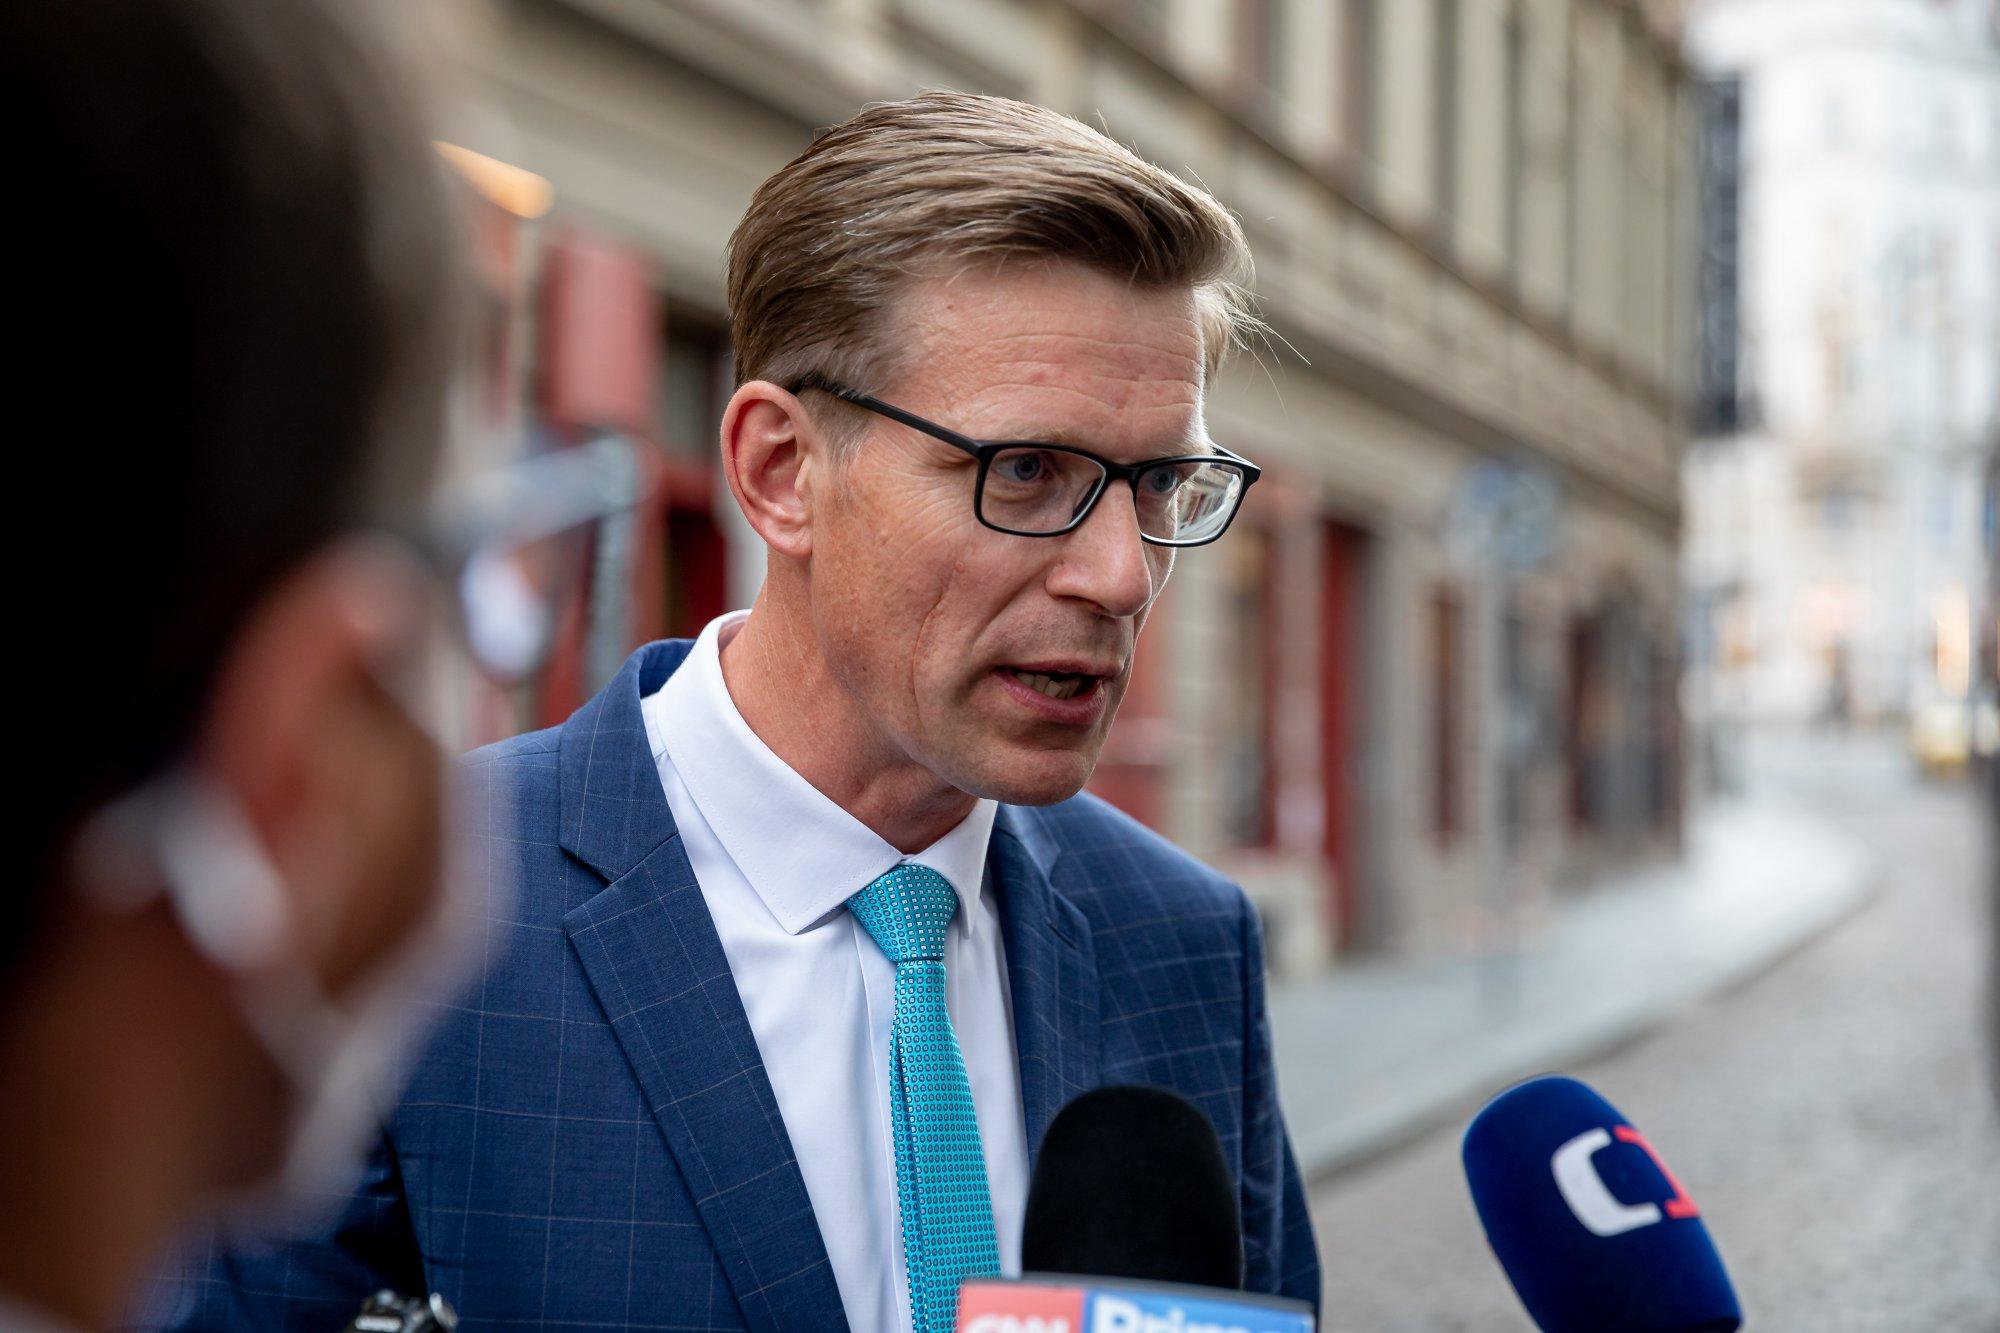 ČSSD pokračuje ve vyhlašování nesmyslných cest k řešení dostupného bydlení